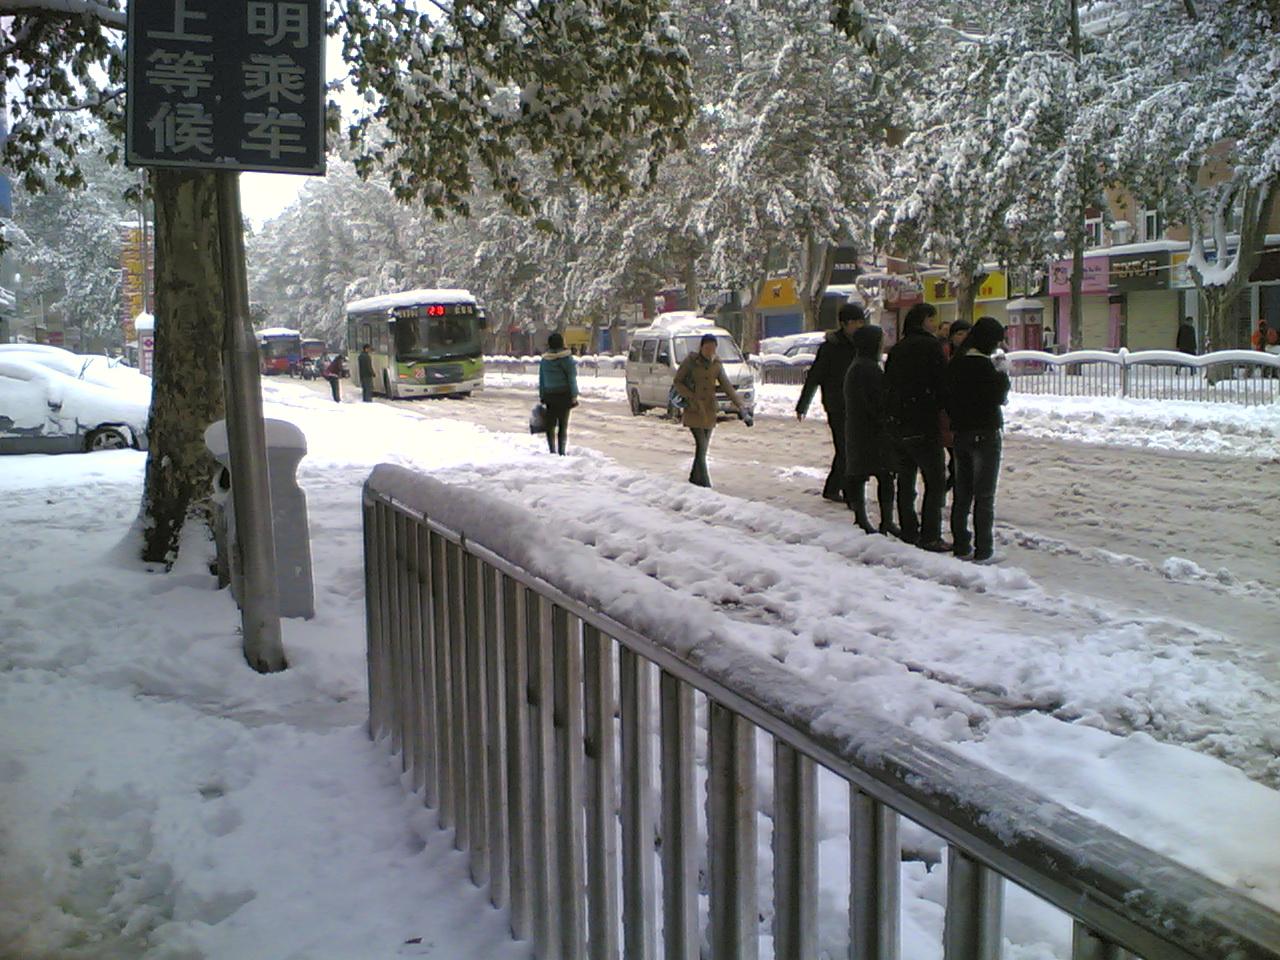 路边等车的人们,还有好不容易才来一辆的公交车